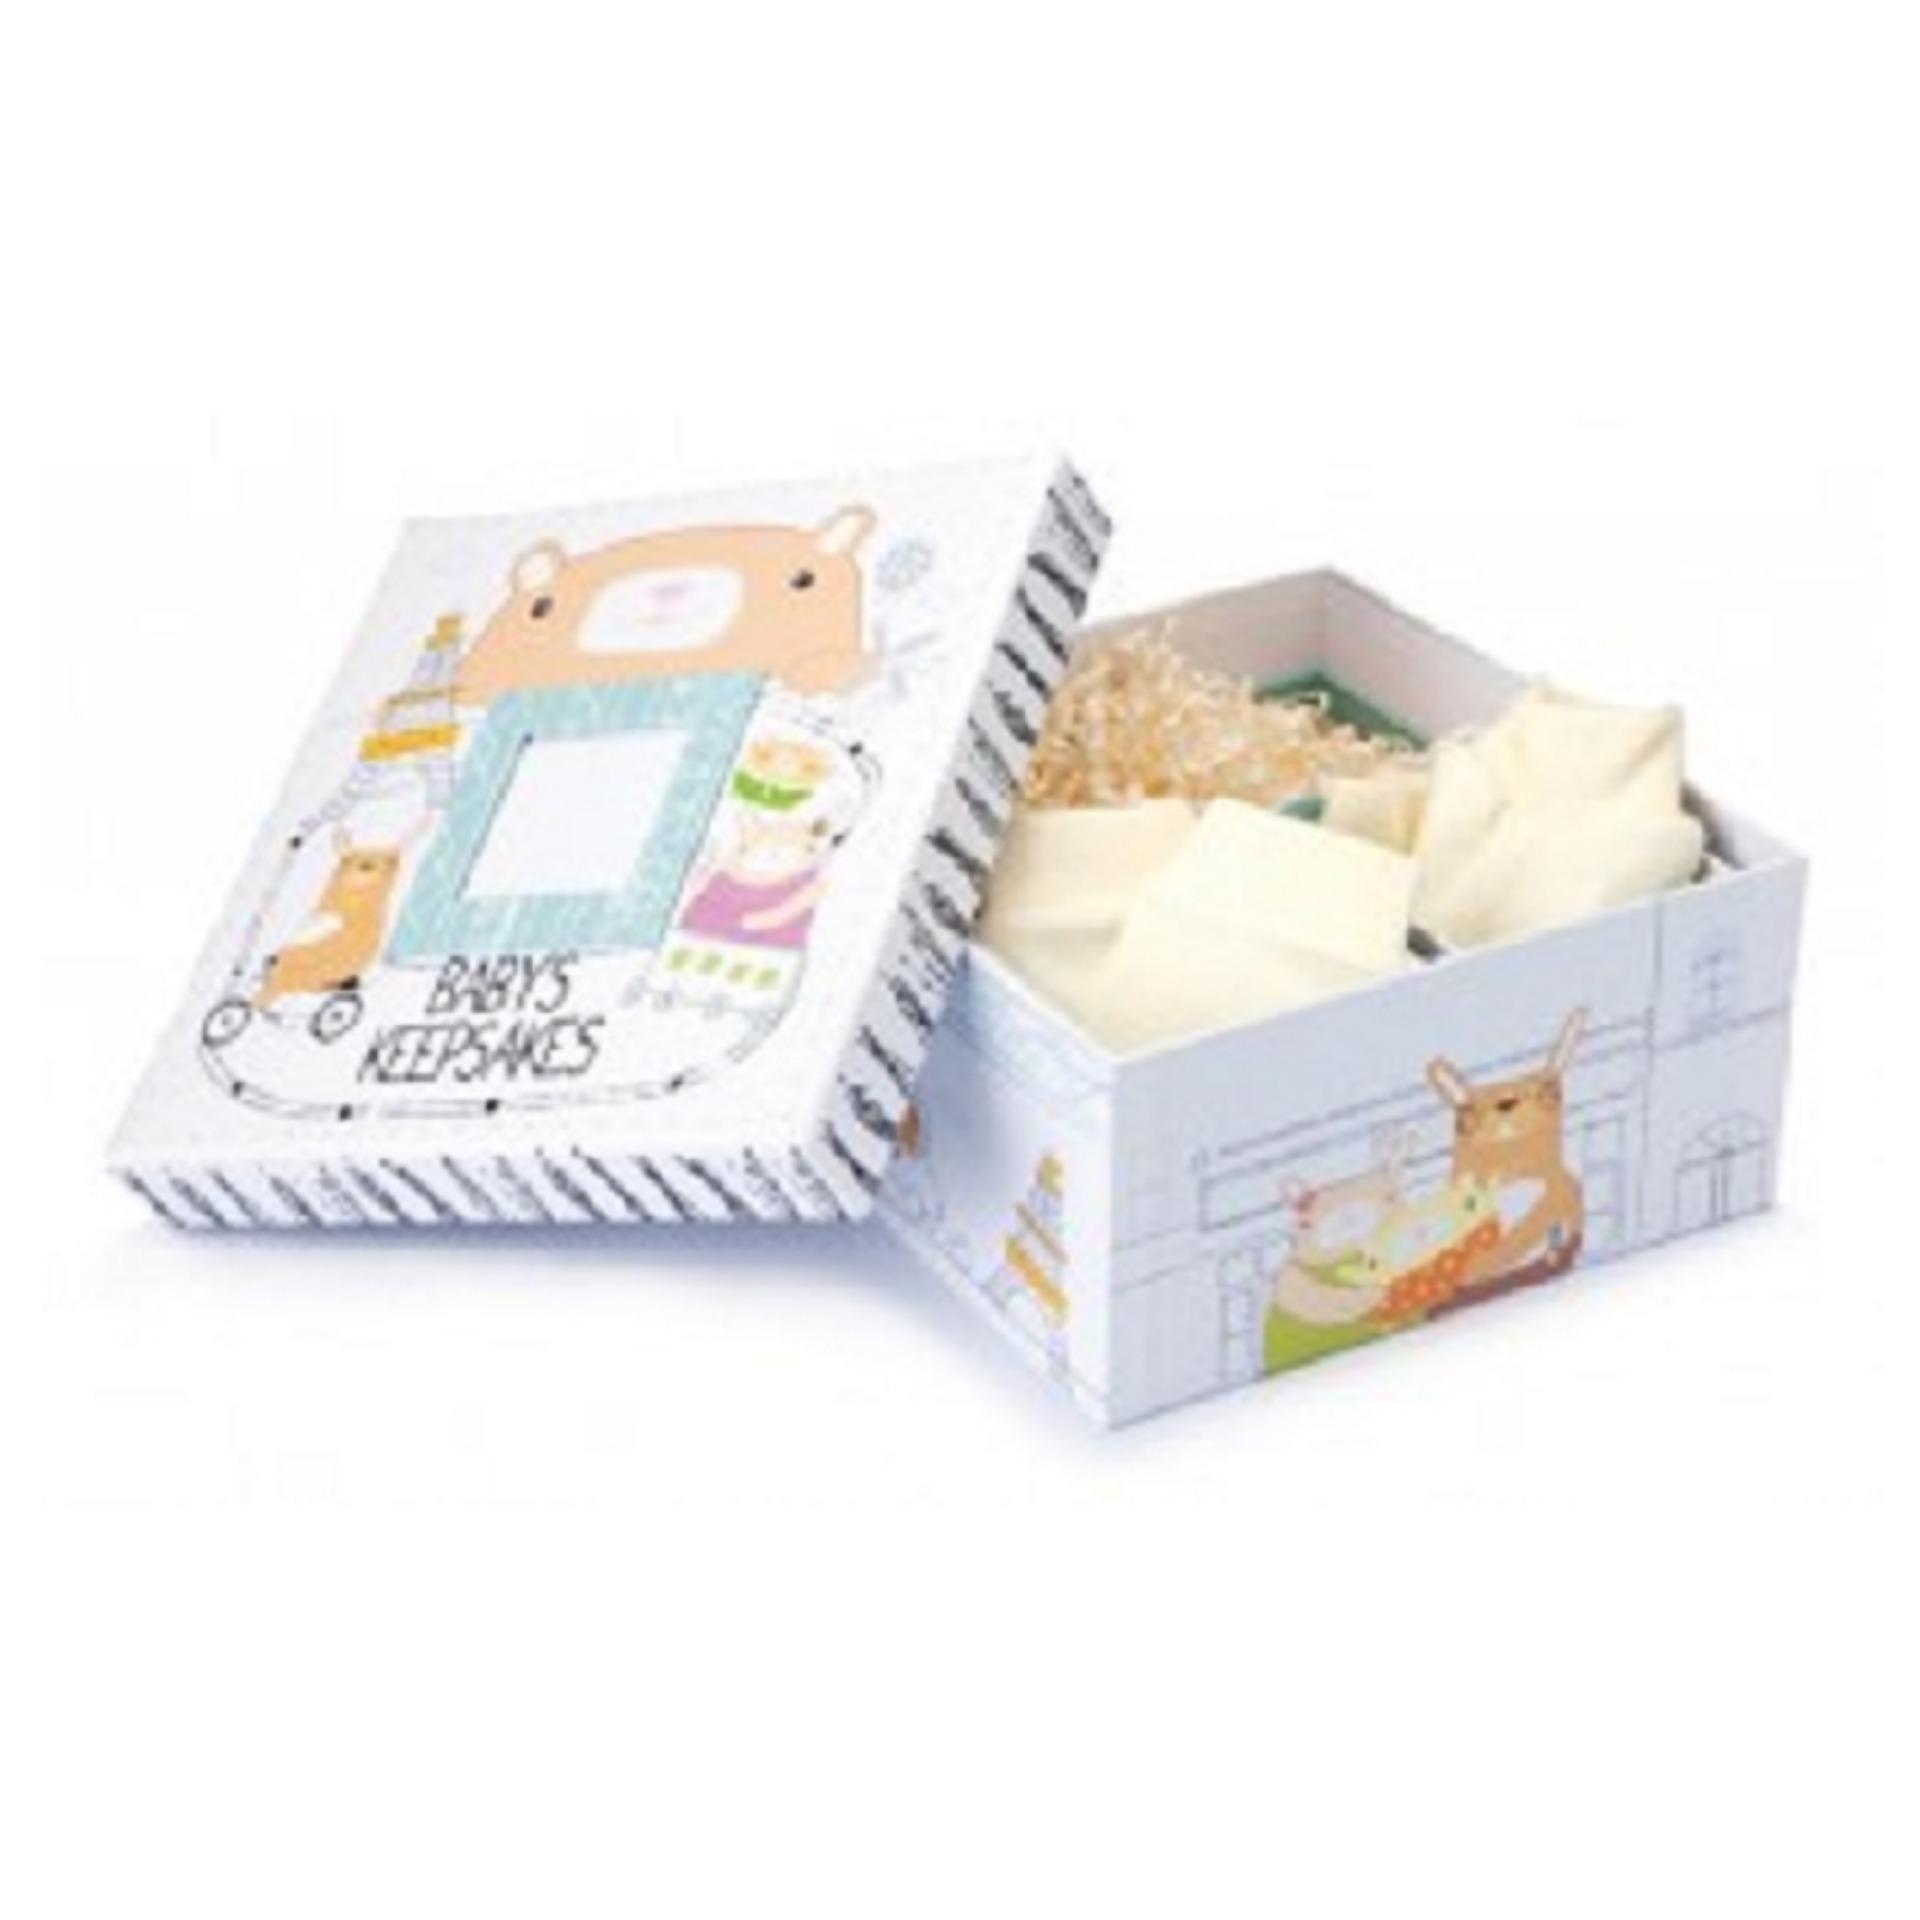 GT Bộ quà tặng cho bé Gifthings - Dear Bunny (2 hộp quà nhỏ + 1 chú gấu nhồi bông + 1 đôi bao tay em bé + 1 đôi bao chân em bé)